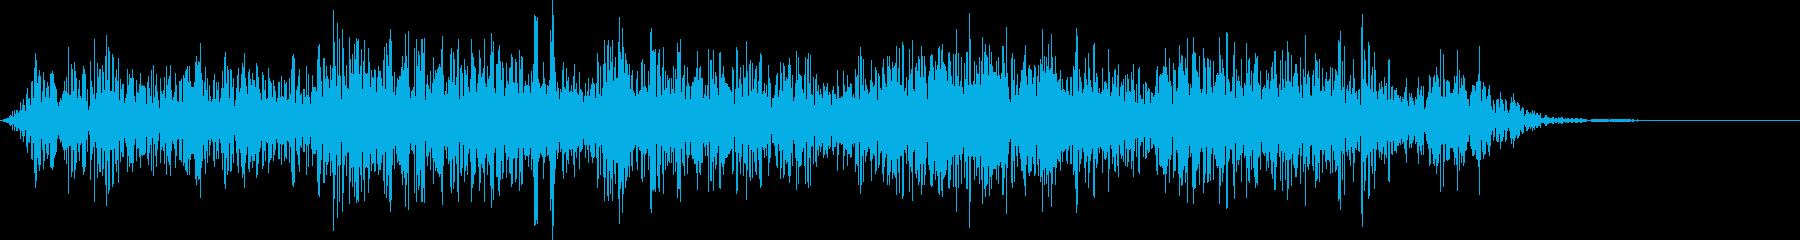 【ゲーム】 火 属性 07の再生済みの波形